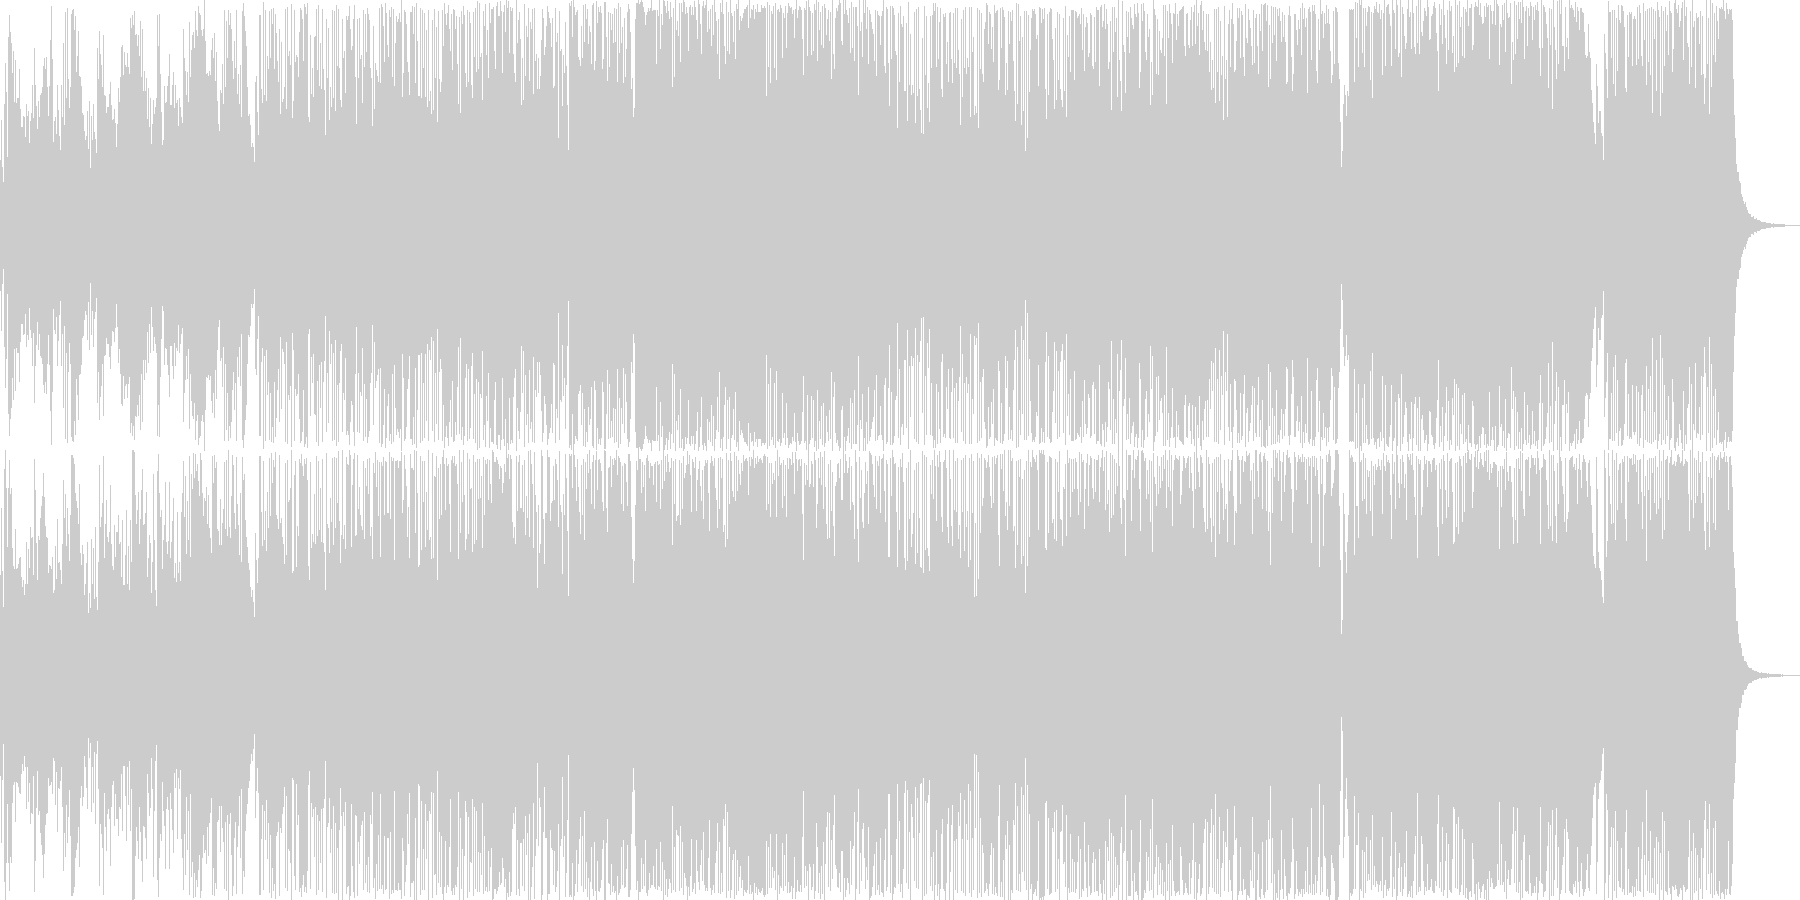 初夏の海岸線〜軽快で明るいピアノ曲の未再生の波形